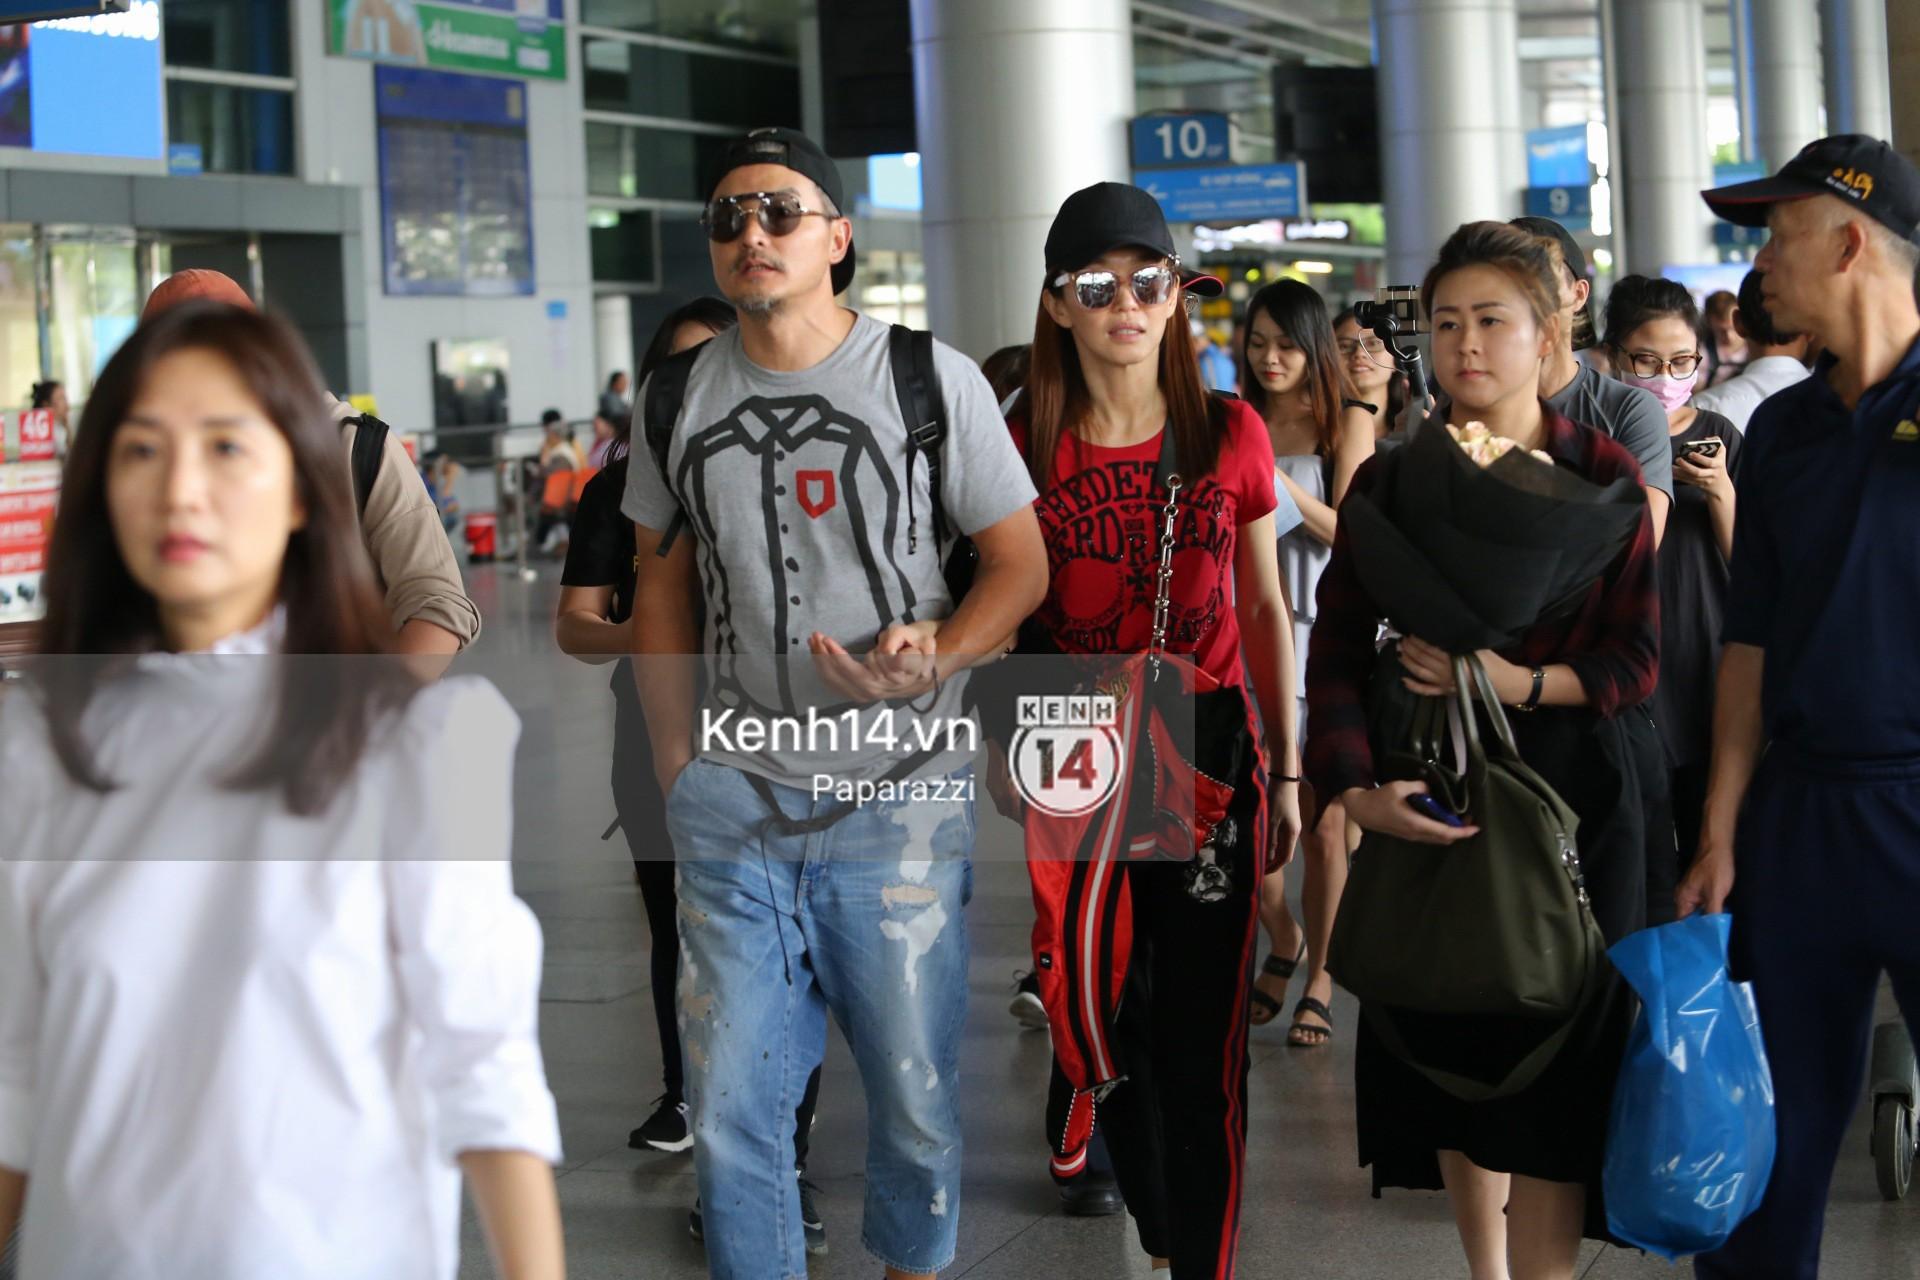 Vợ chồng Phạm Văn Phương - Lý Minh Thuận tay trong tay xuất hiện tại sân bay Tân Sơn Nhất 5